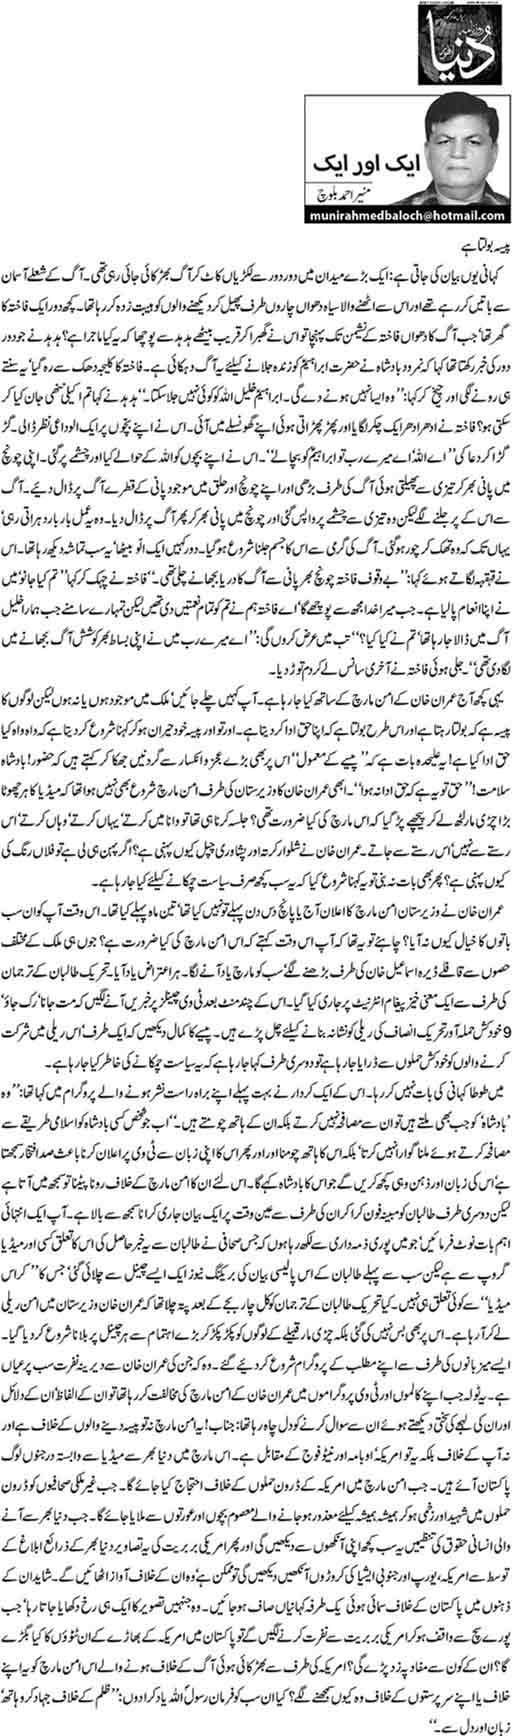 Paisa bolta hai - Munir Ahmed Baloch